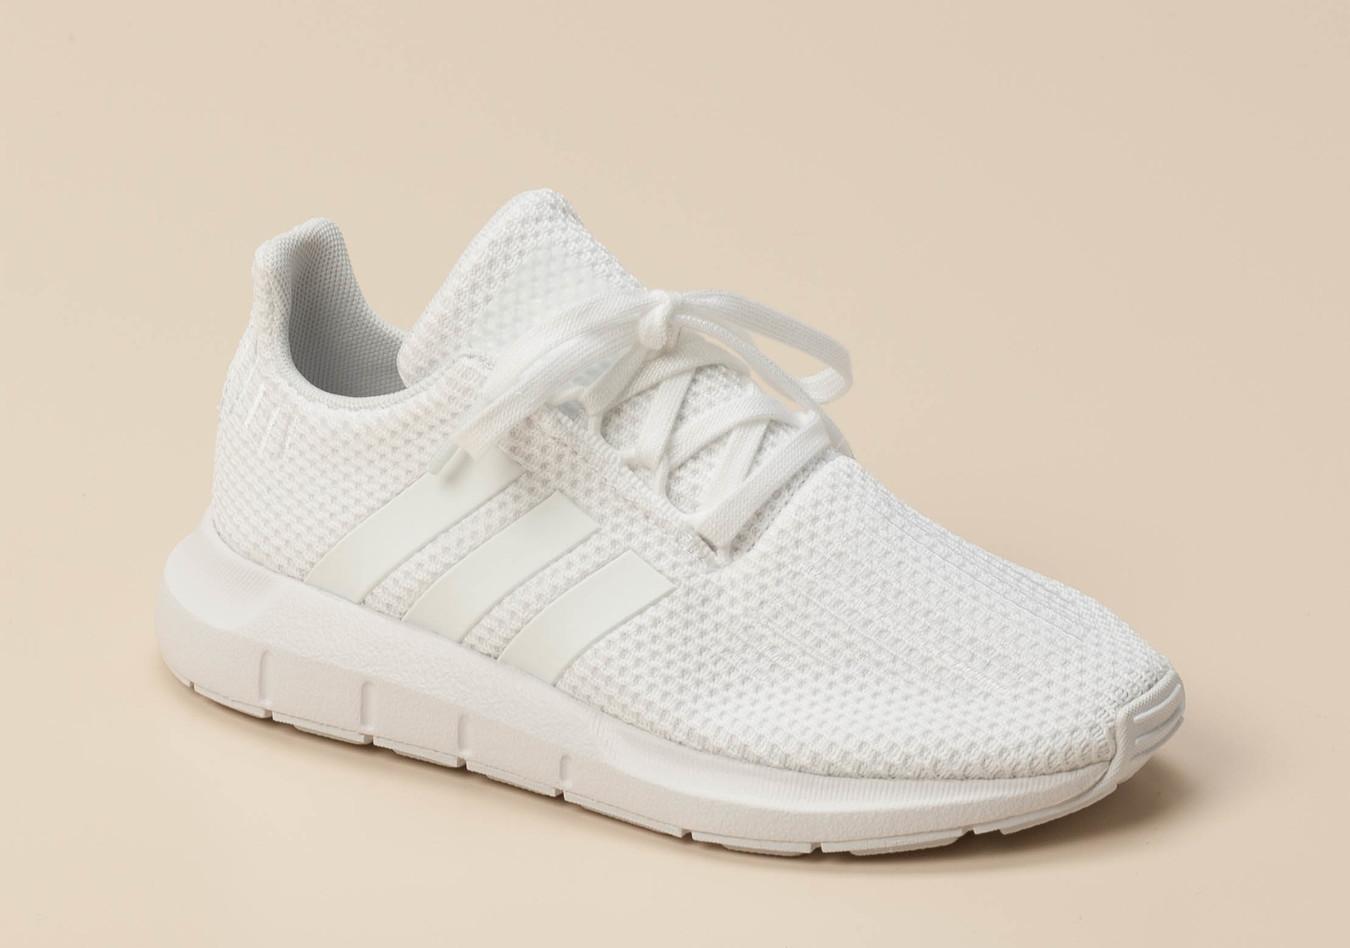 hot sale online 88ba3 6e556 Adidas Kinder Sneaker in weiß kaufen | Zumnorde Online-Shop